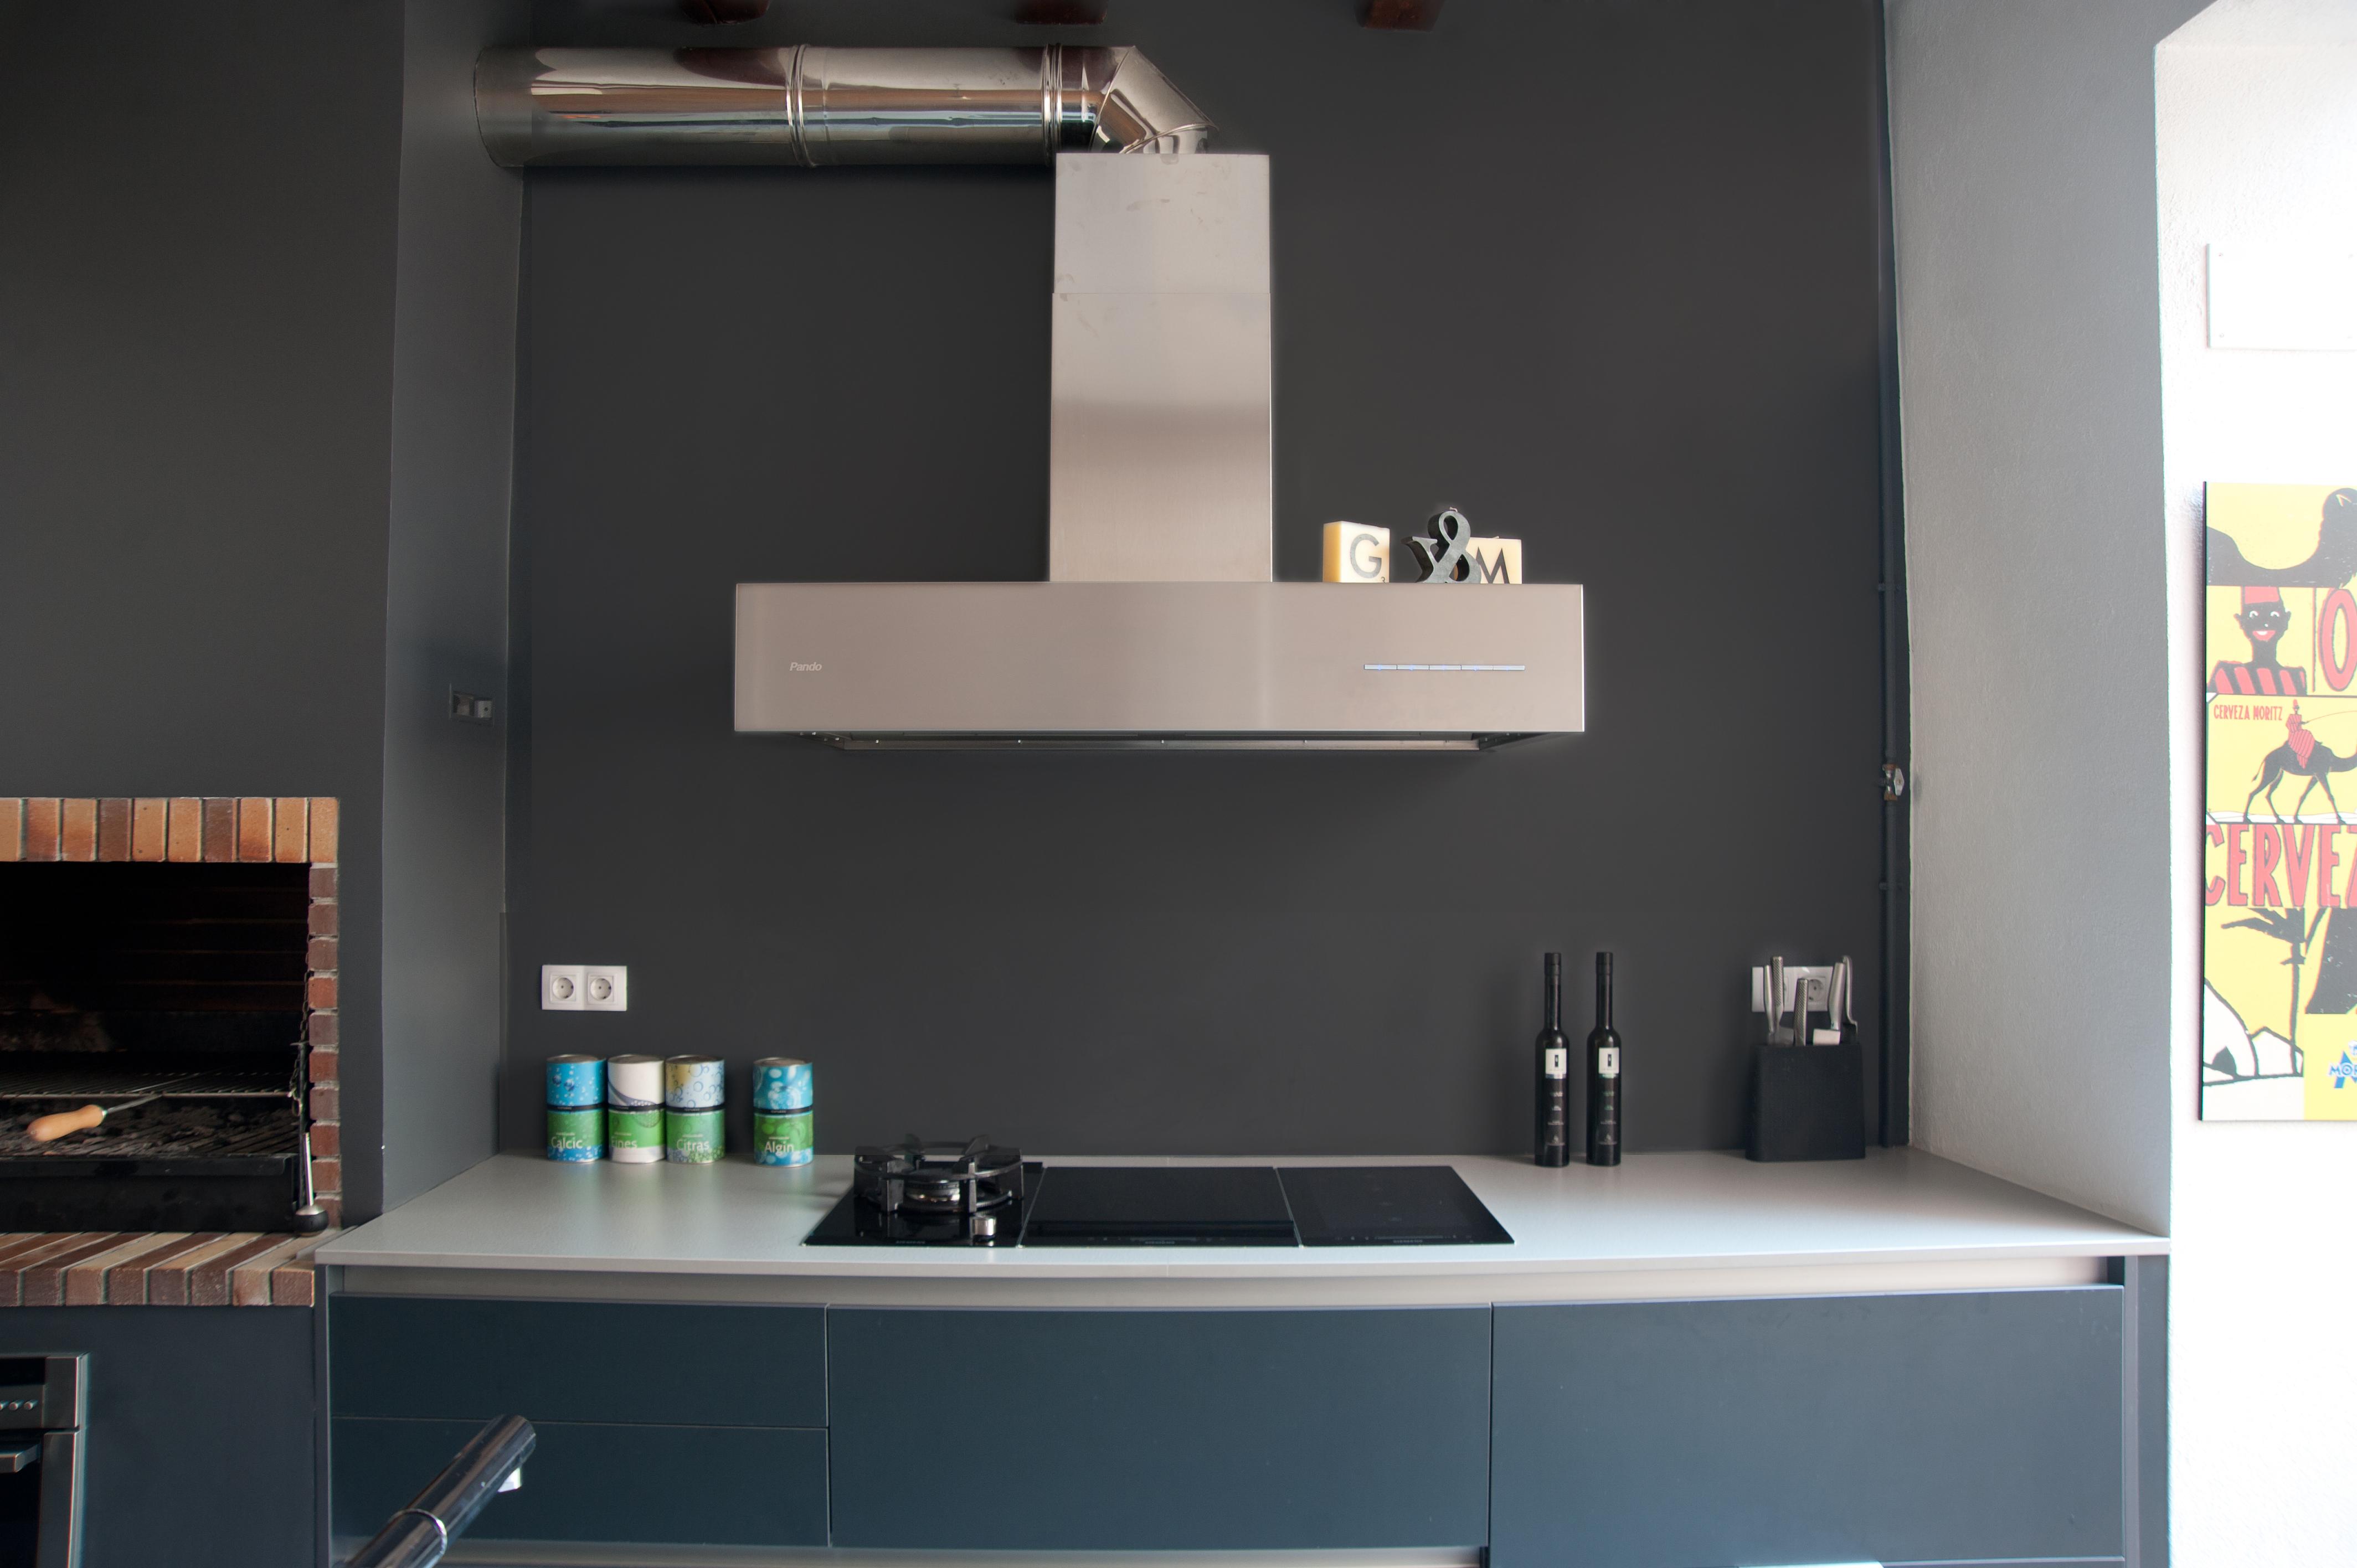 Cocinas Brava - Cocinas de diseño | Muebles cocina strati - Cocinas ...